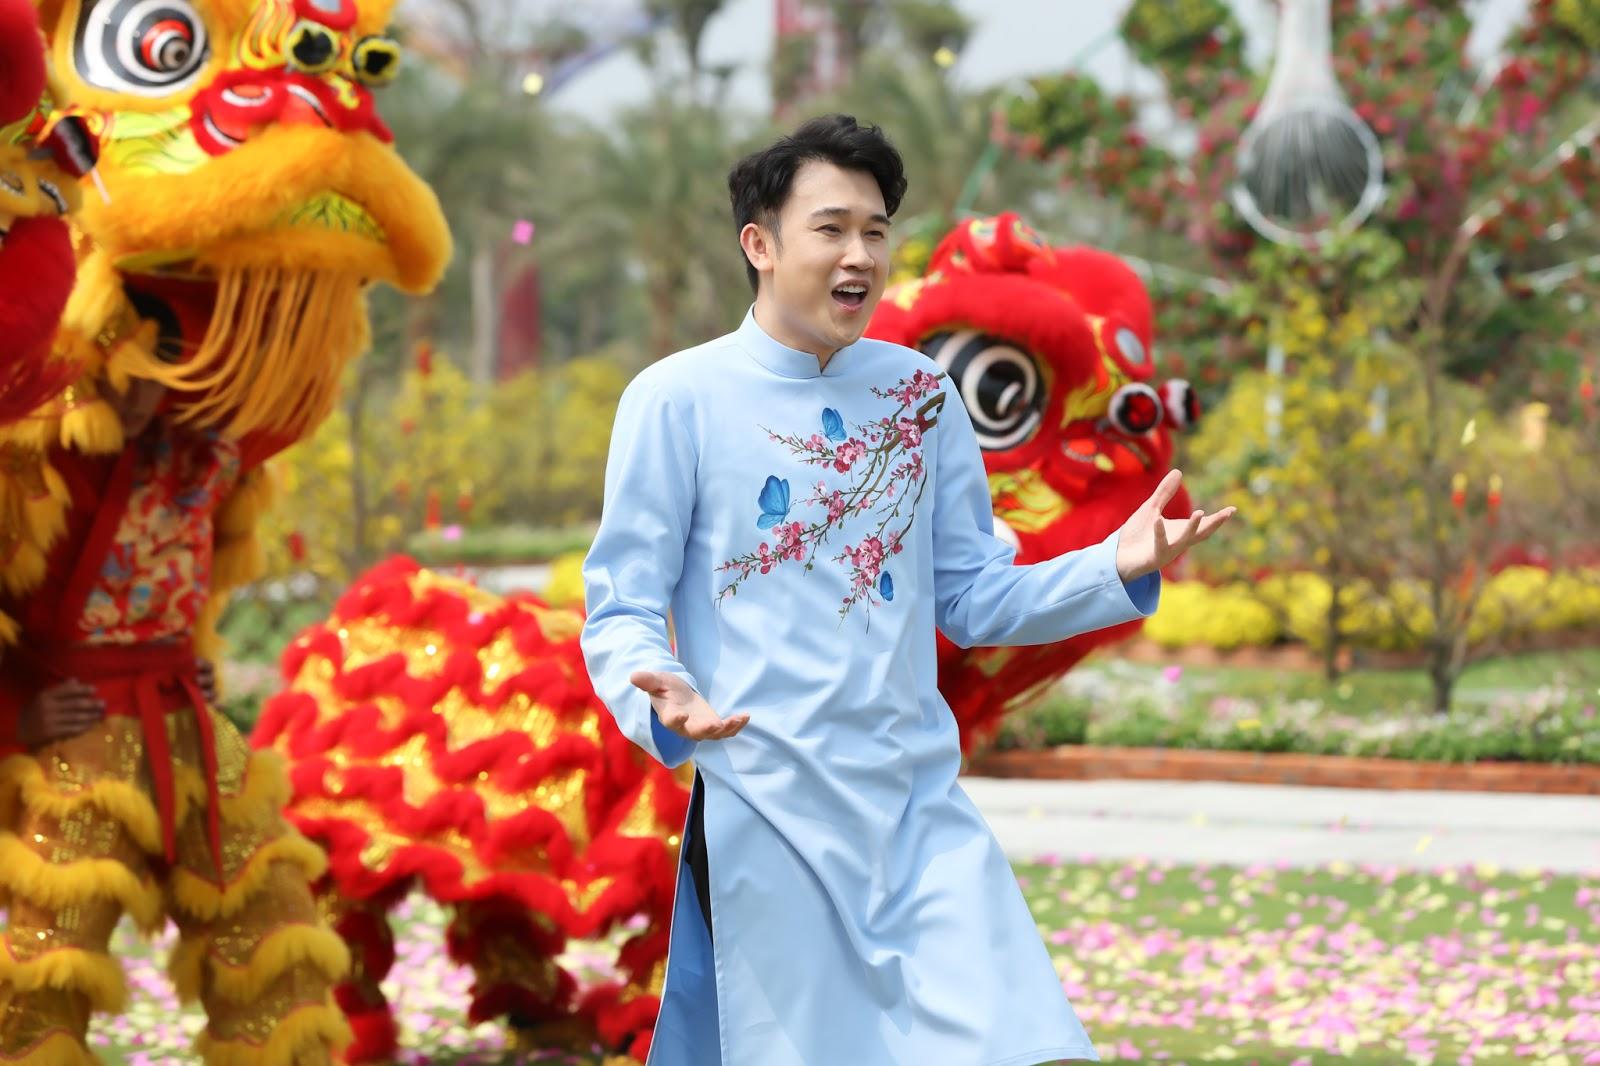 Dương Triệu Vũ 'tươi rói' trong bộ ảnh đón Xuân, bật mí kế hoạch Tết Canh Tý - Hình 2